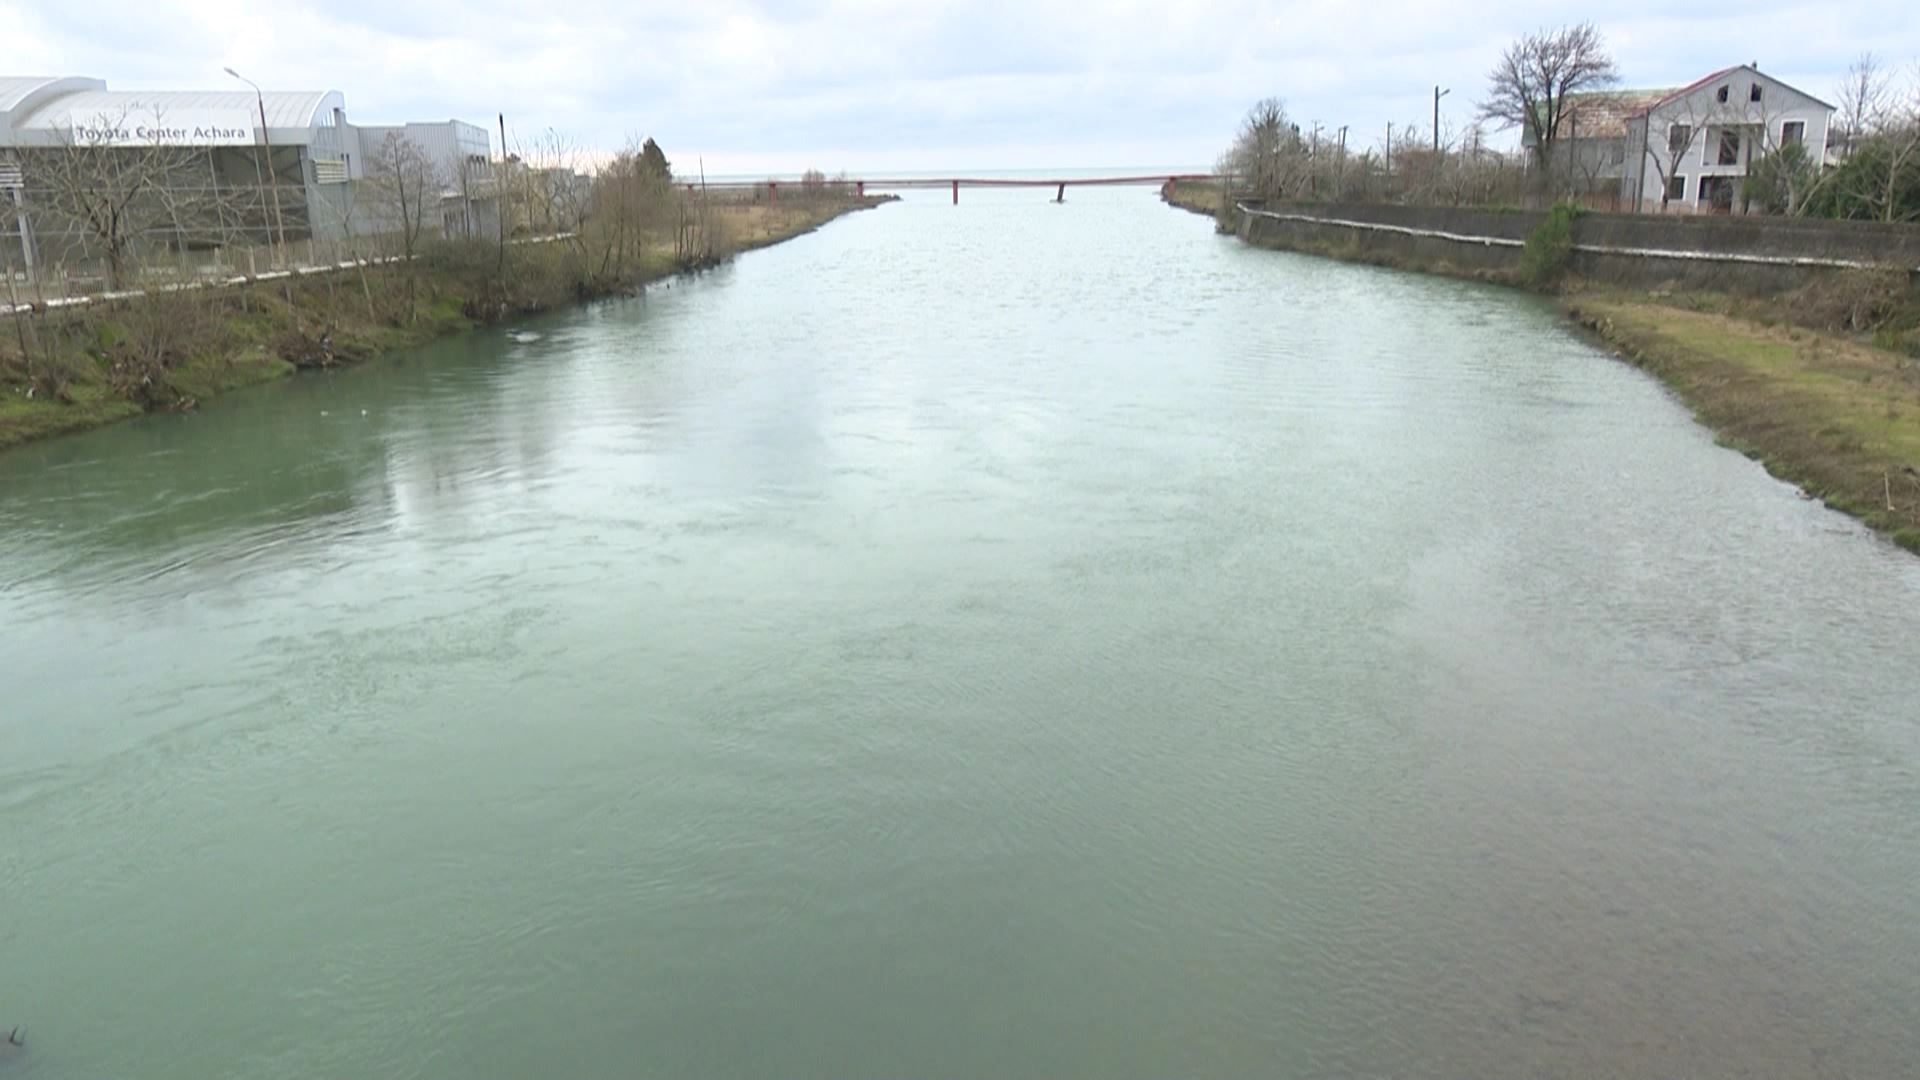 ქობულეთში მდინარეებზე მოტივტივე ნარჩენებს სპეციალური ბადეები რამდენიმე თვეა ვეღარ აკავებს